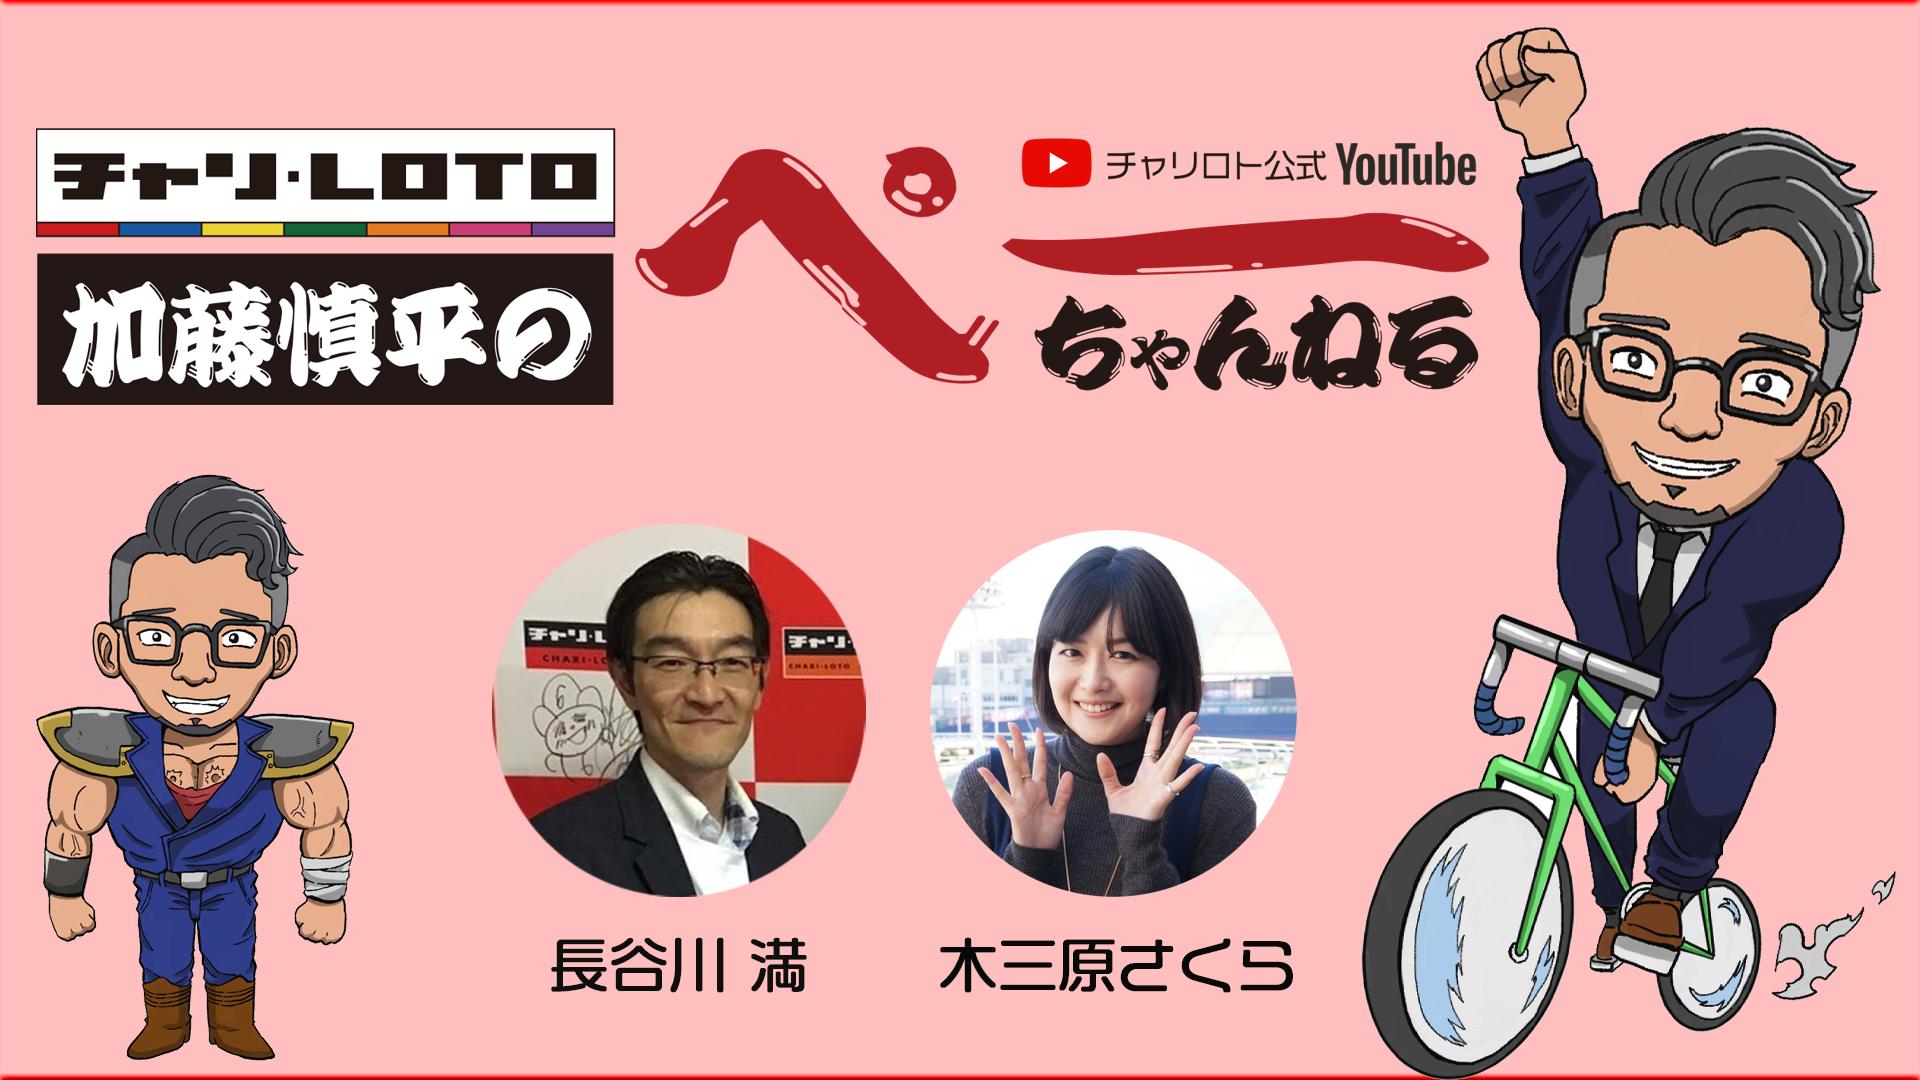 チャリロト公式Youtube 加藤慎平の「ぺーちゃんねる」がスタート!